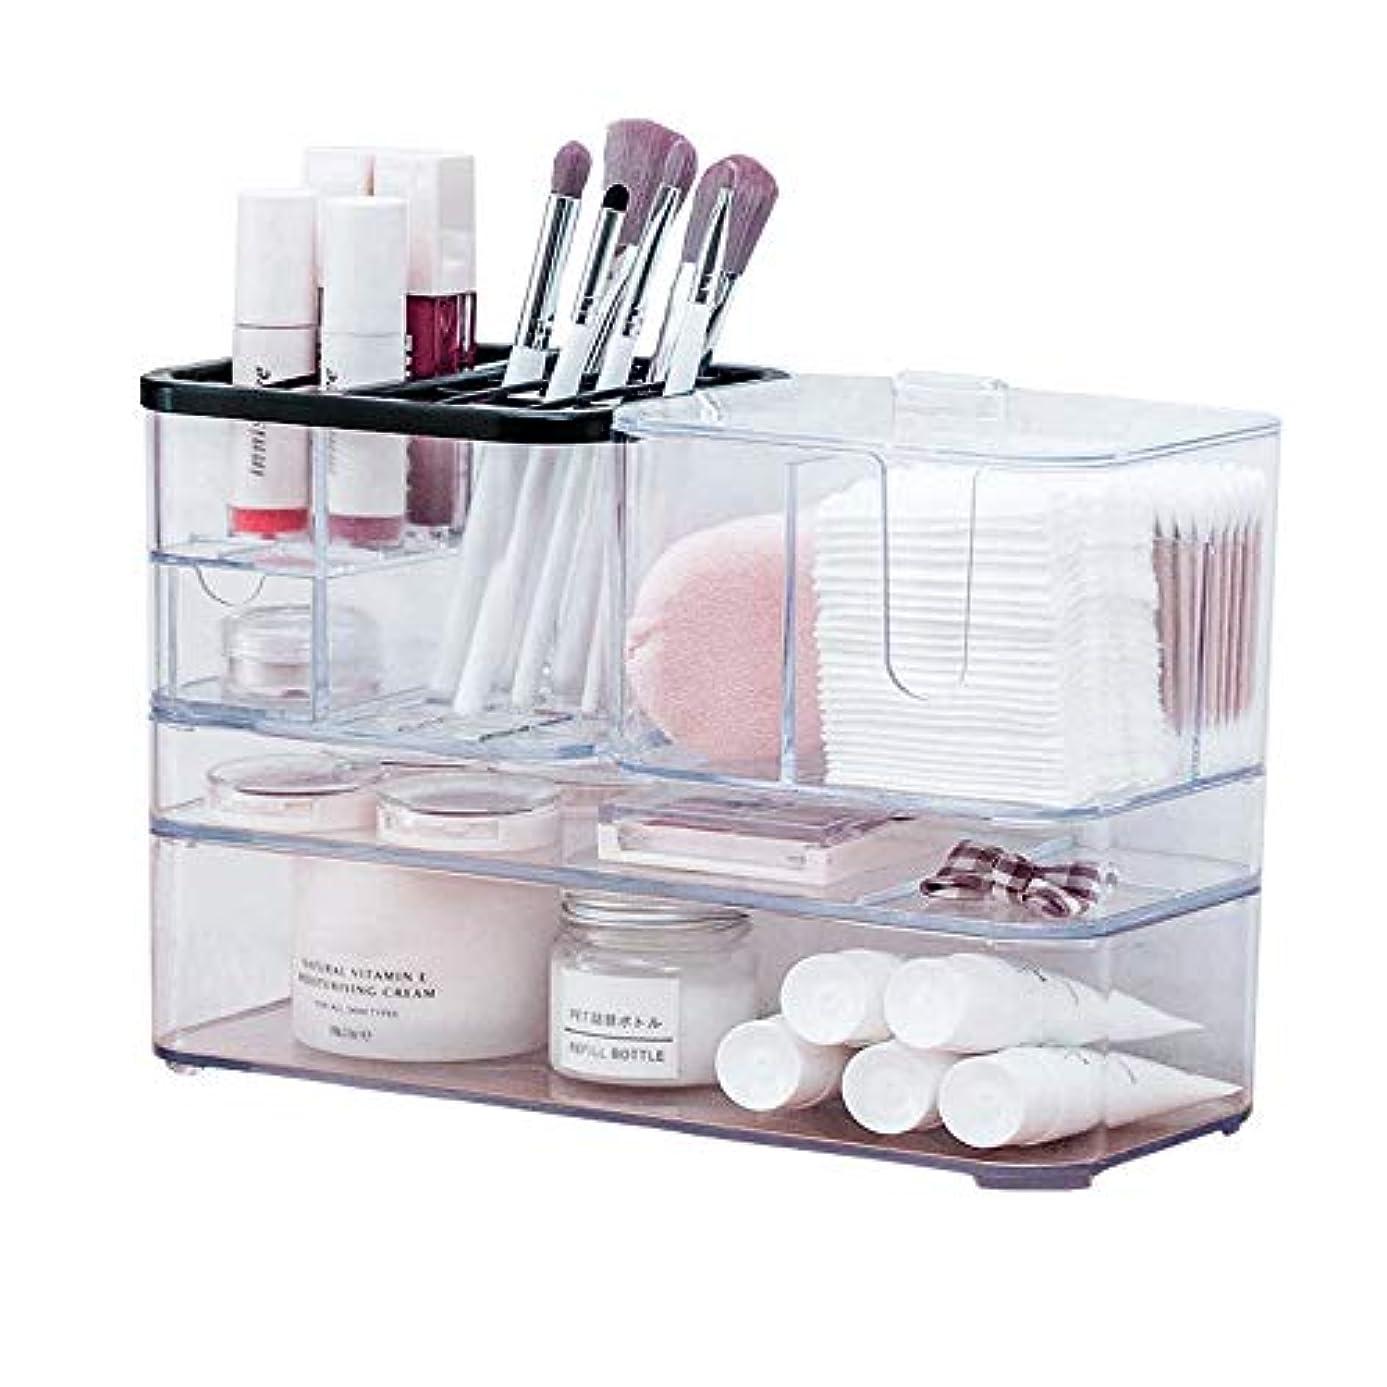 傾向があるセレナどきどき化粧品収納ボックス 収納 メイク 化粧品収納ケース 強い耐久性 整理簡単 多機能 4つの構成 絶妙な技量/高透明度 化粧品入れ レディ